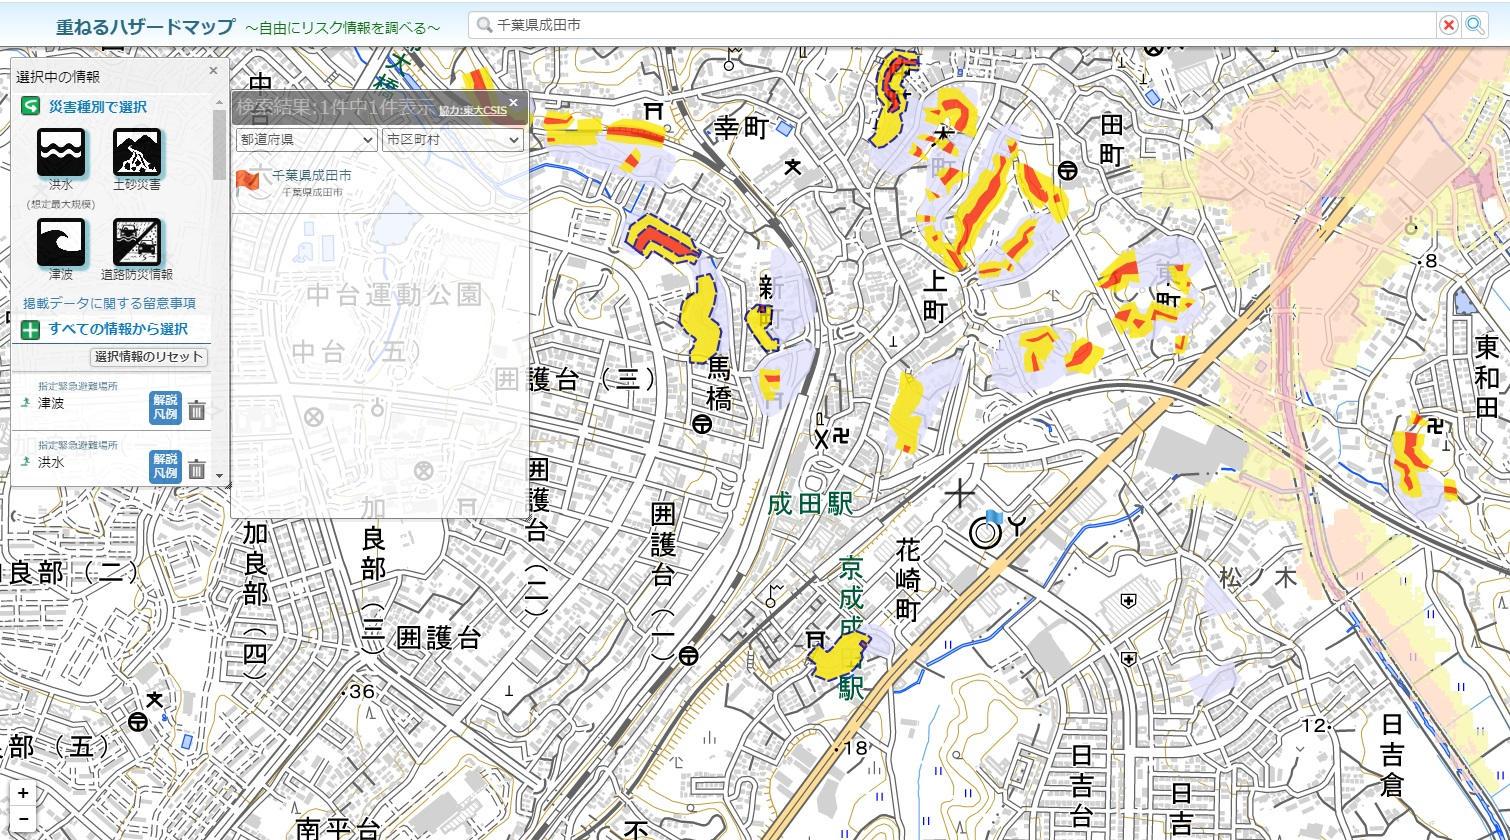 重ねるハザードマップにて成田市駅周辺部を確認